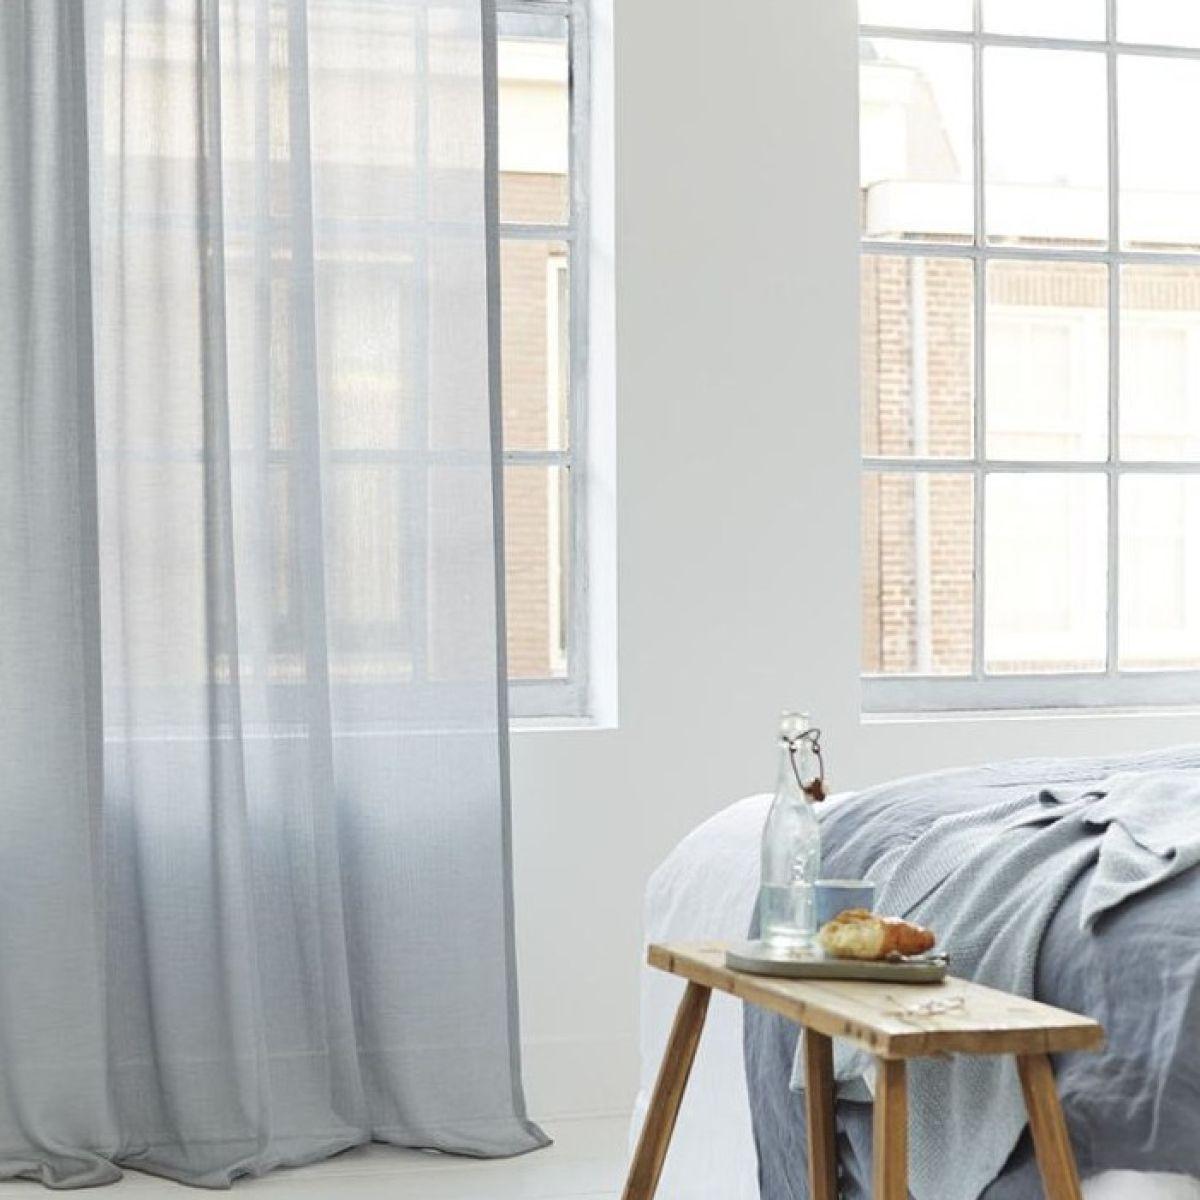 Afbeeldingsresultaat voor in between gordijnen | home | Pinterest ...